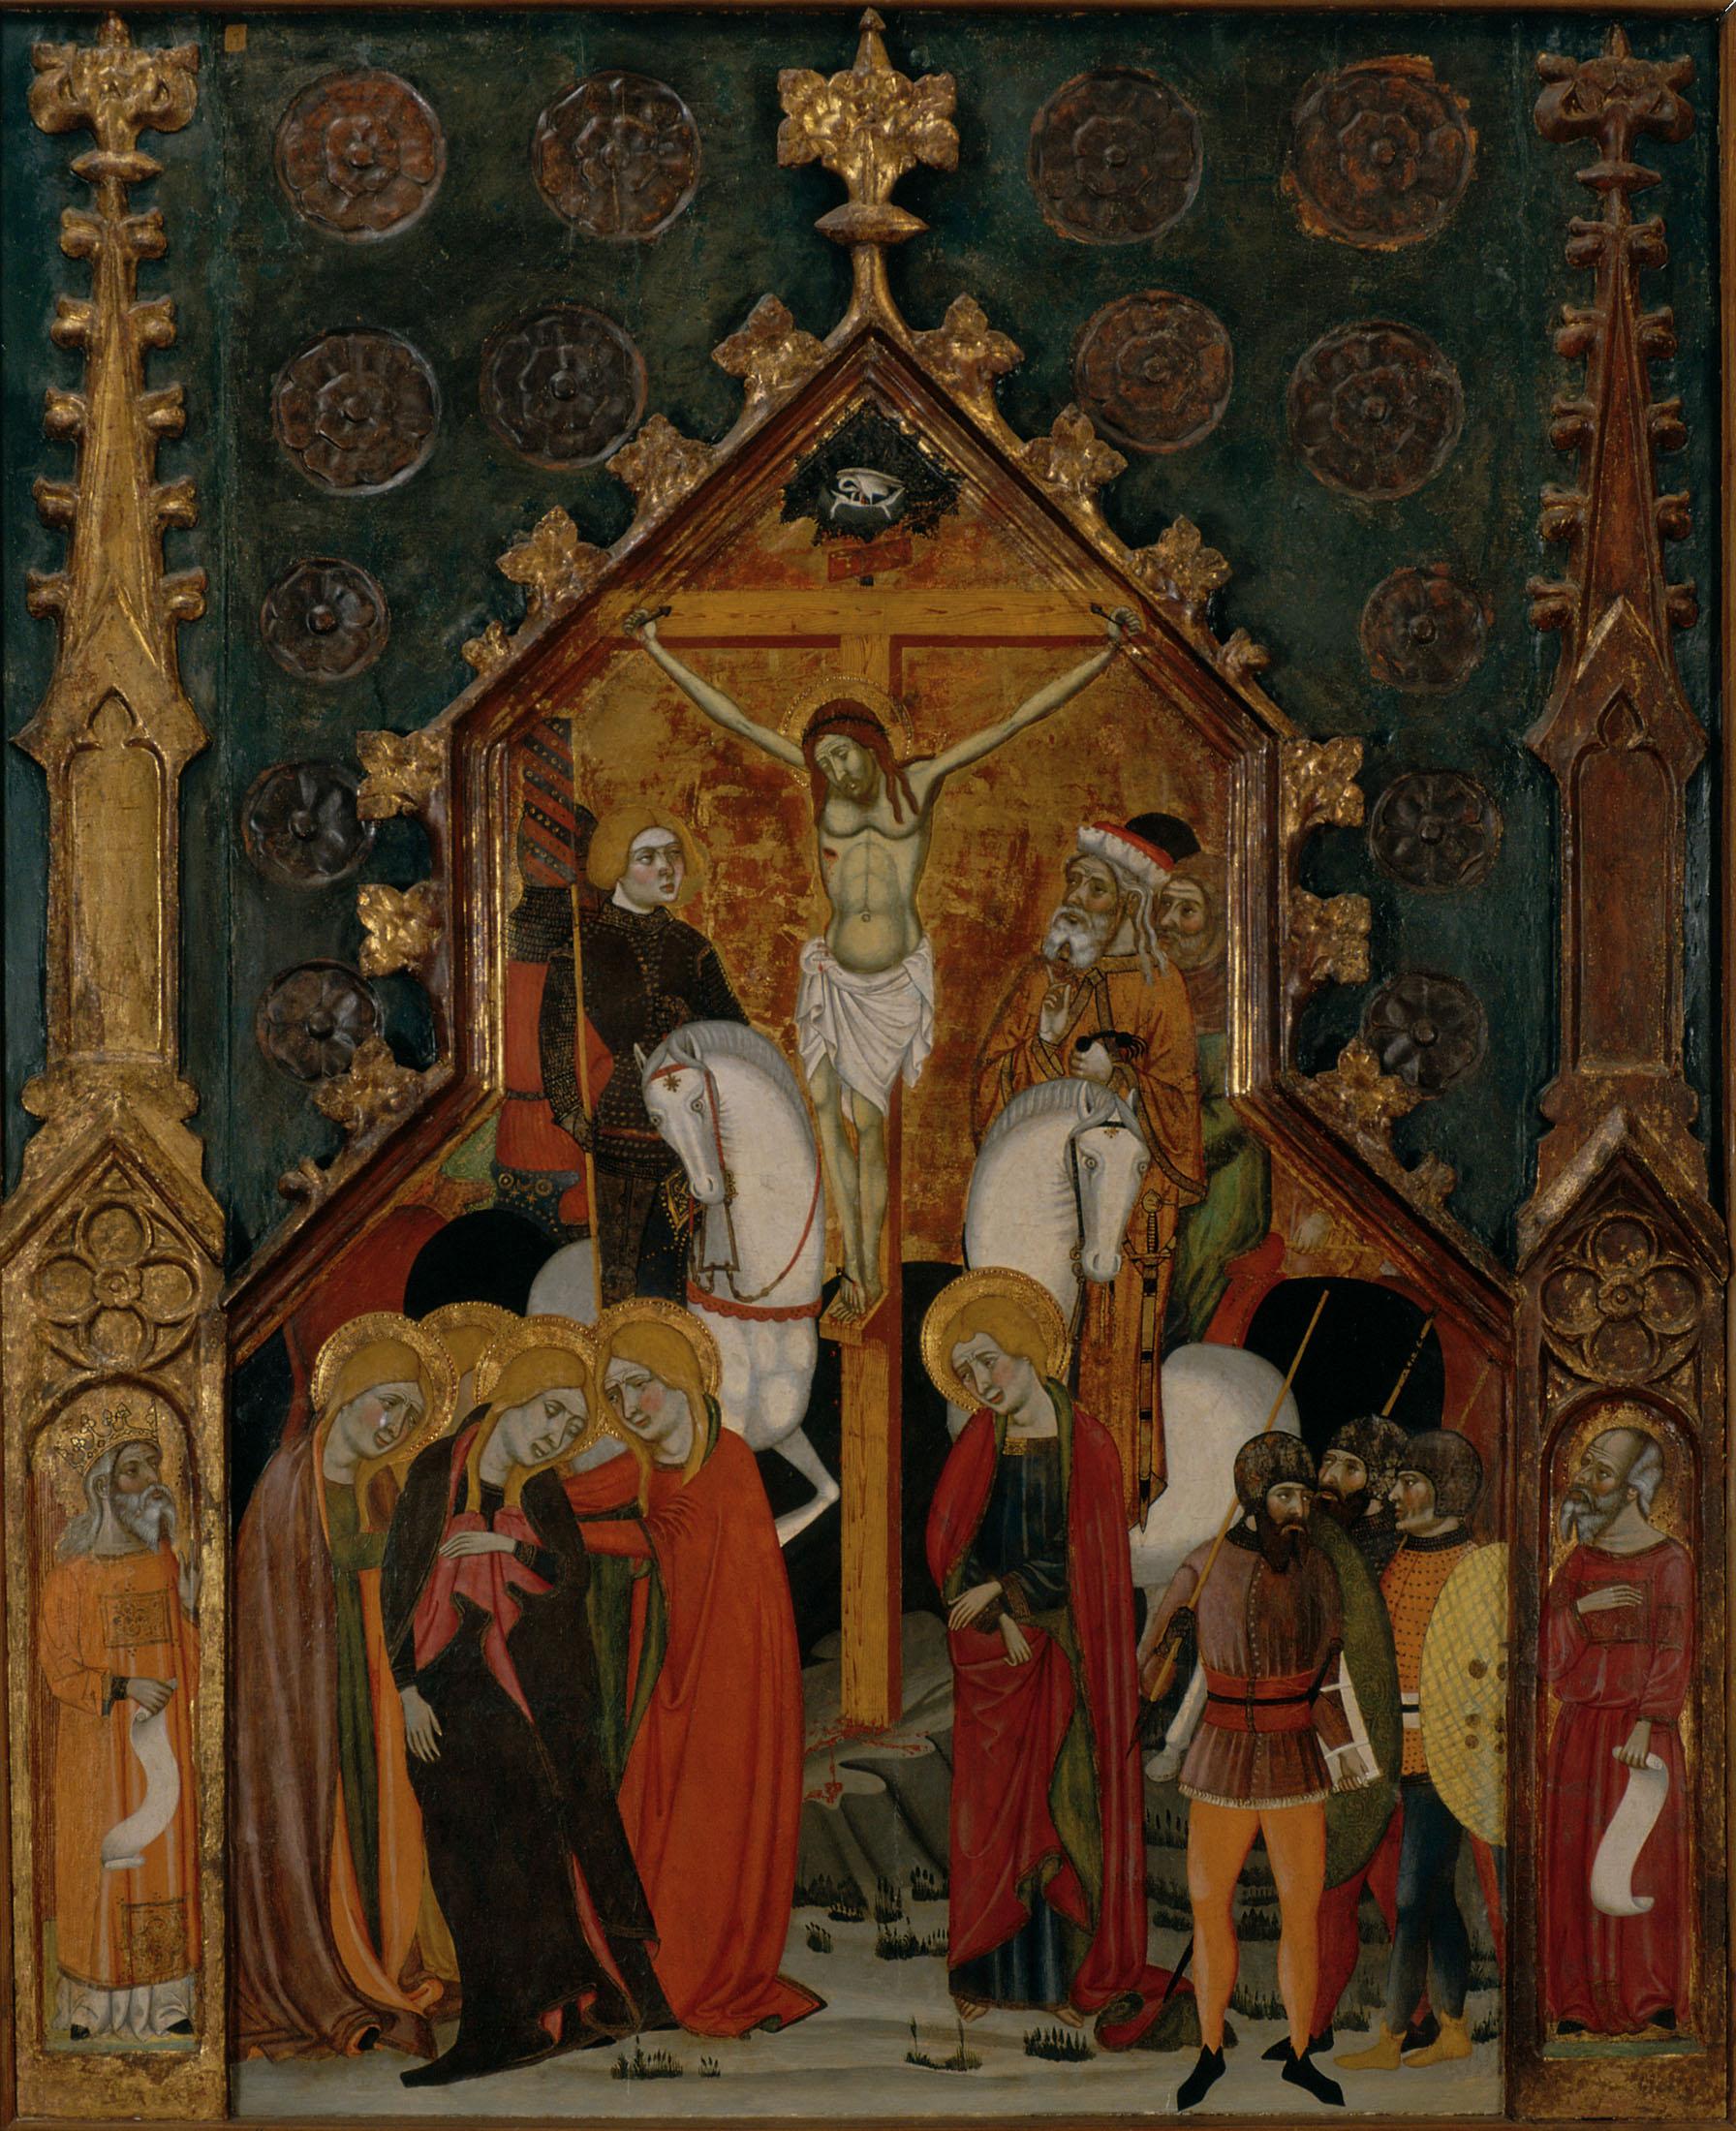 Pin culo central de un retablo con el calvario - Pintur sant fruitos ...